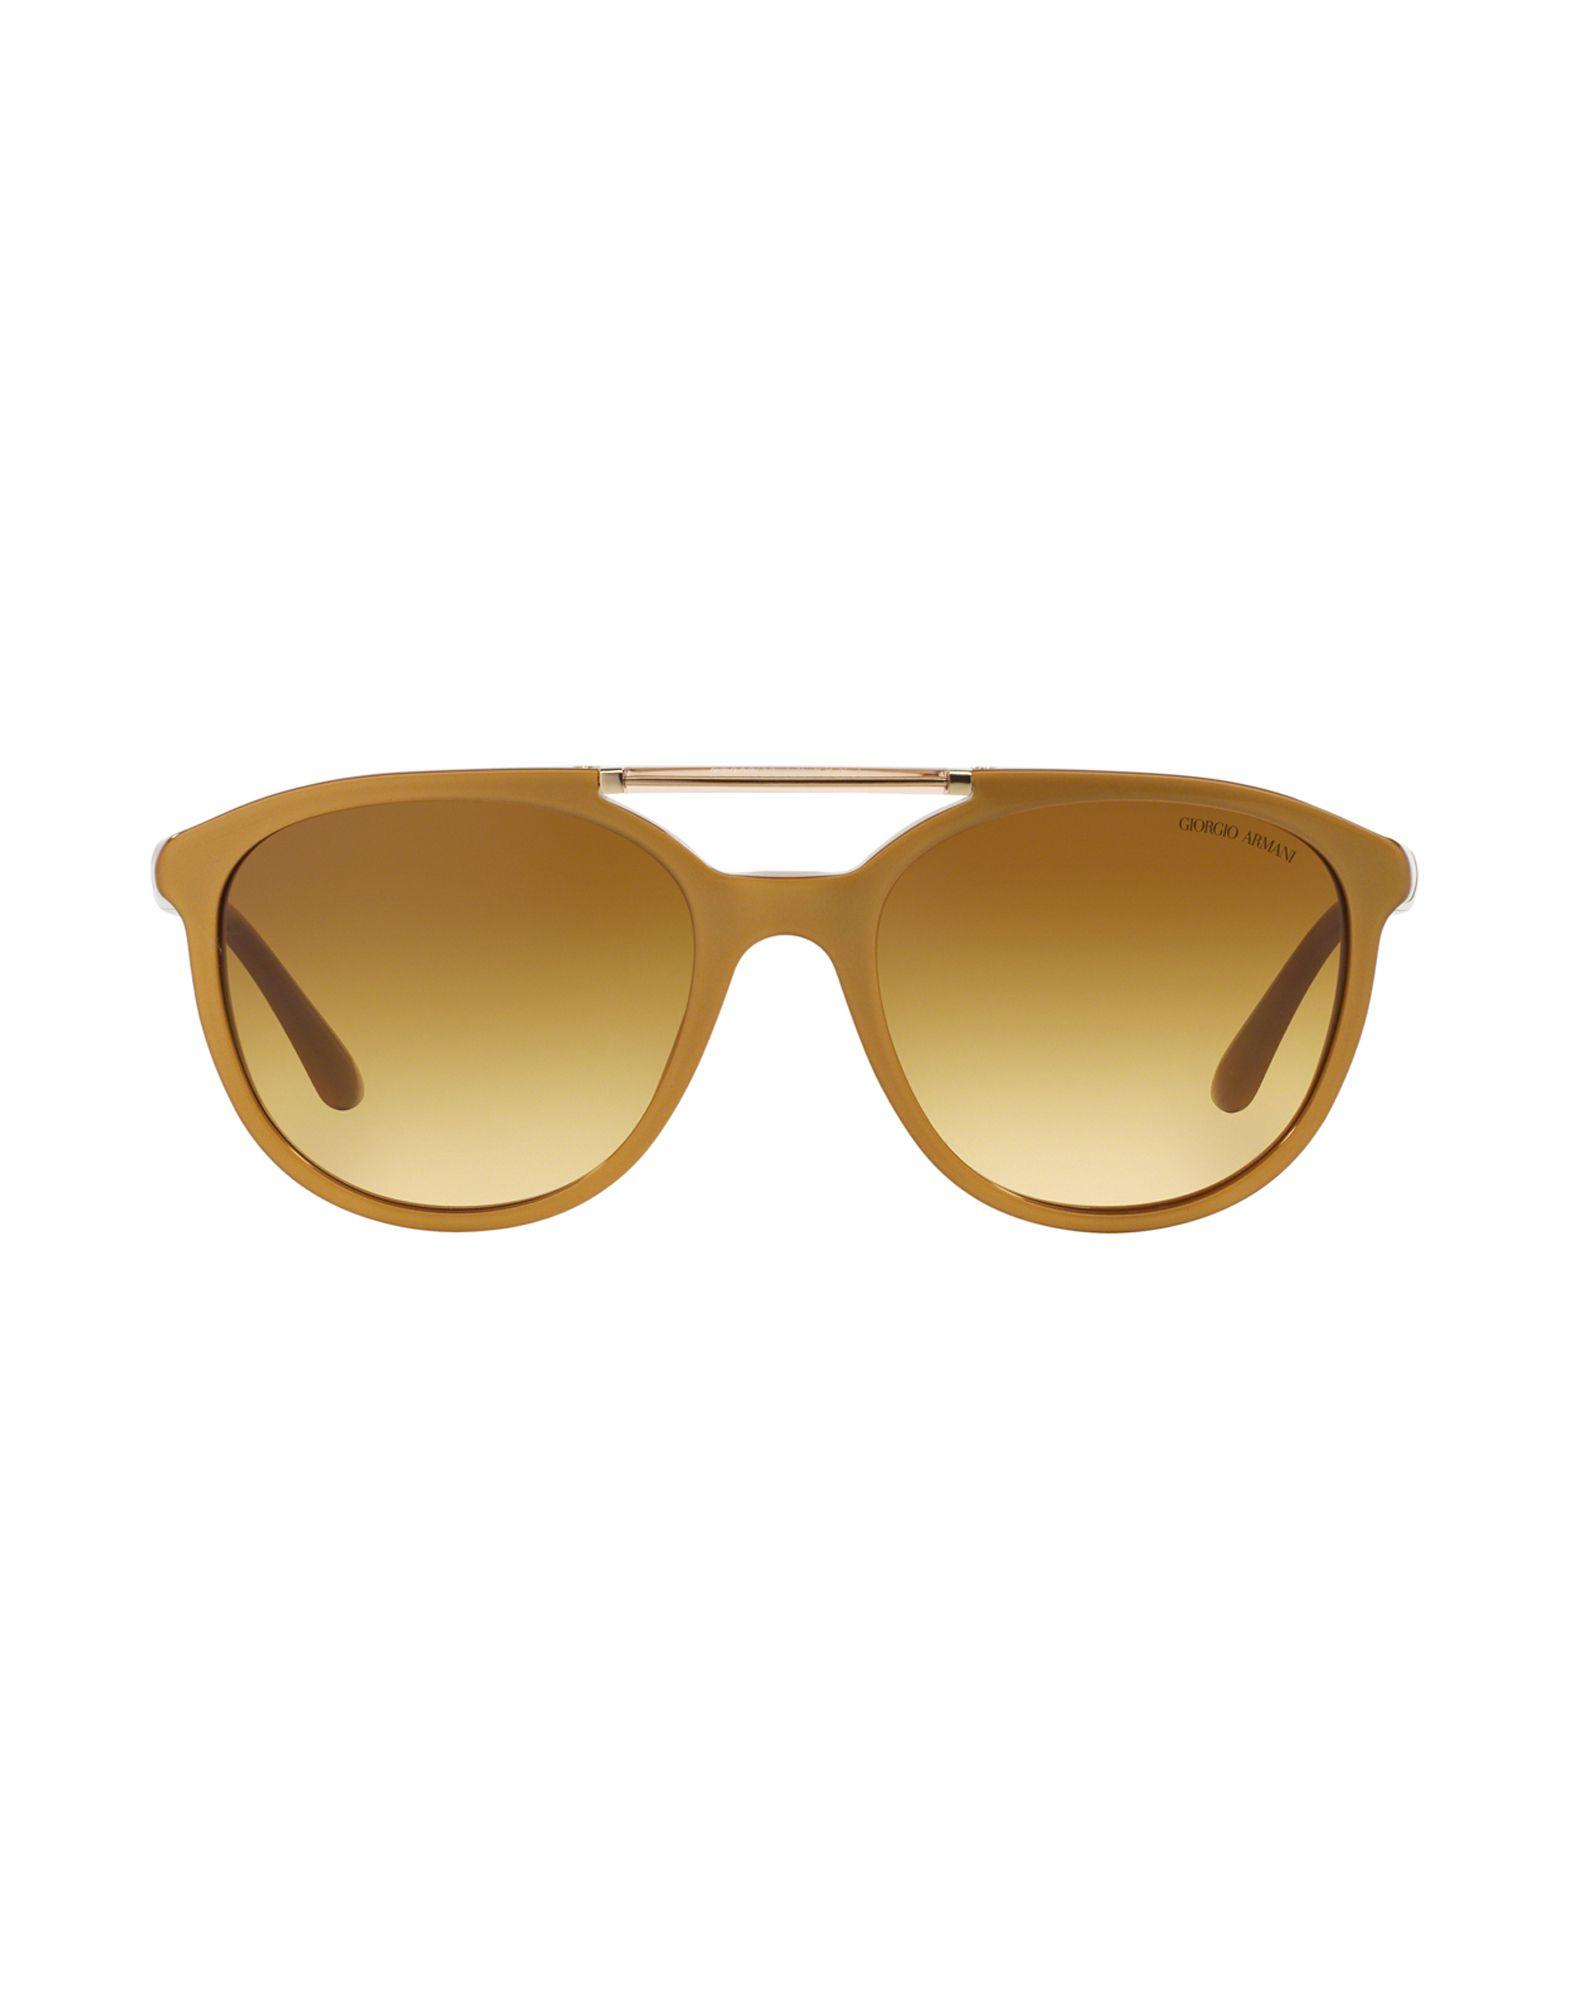 Giorgio armani Sunglasses in Gold | Lyst